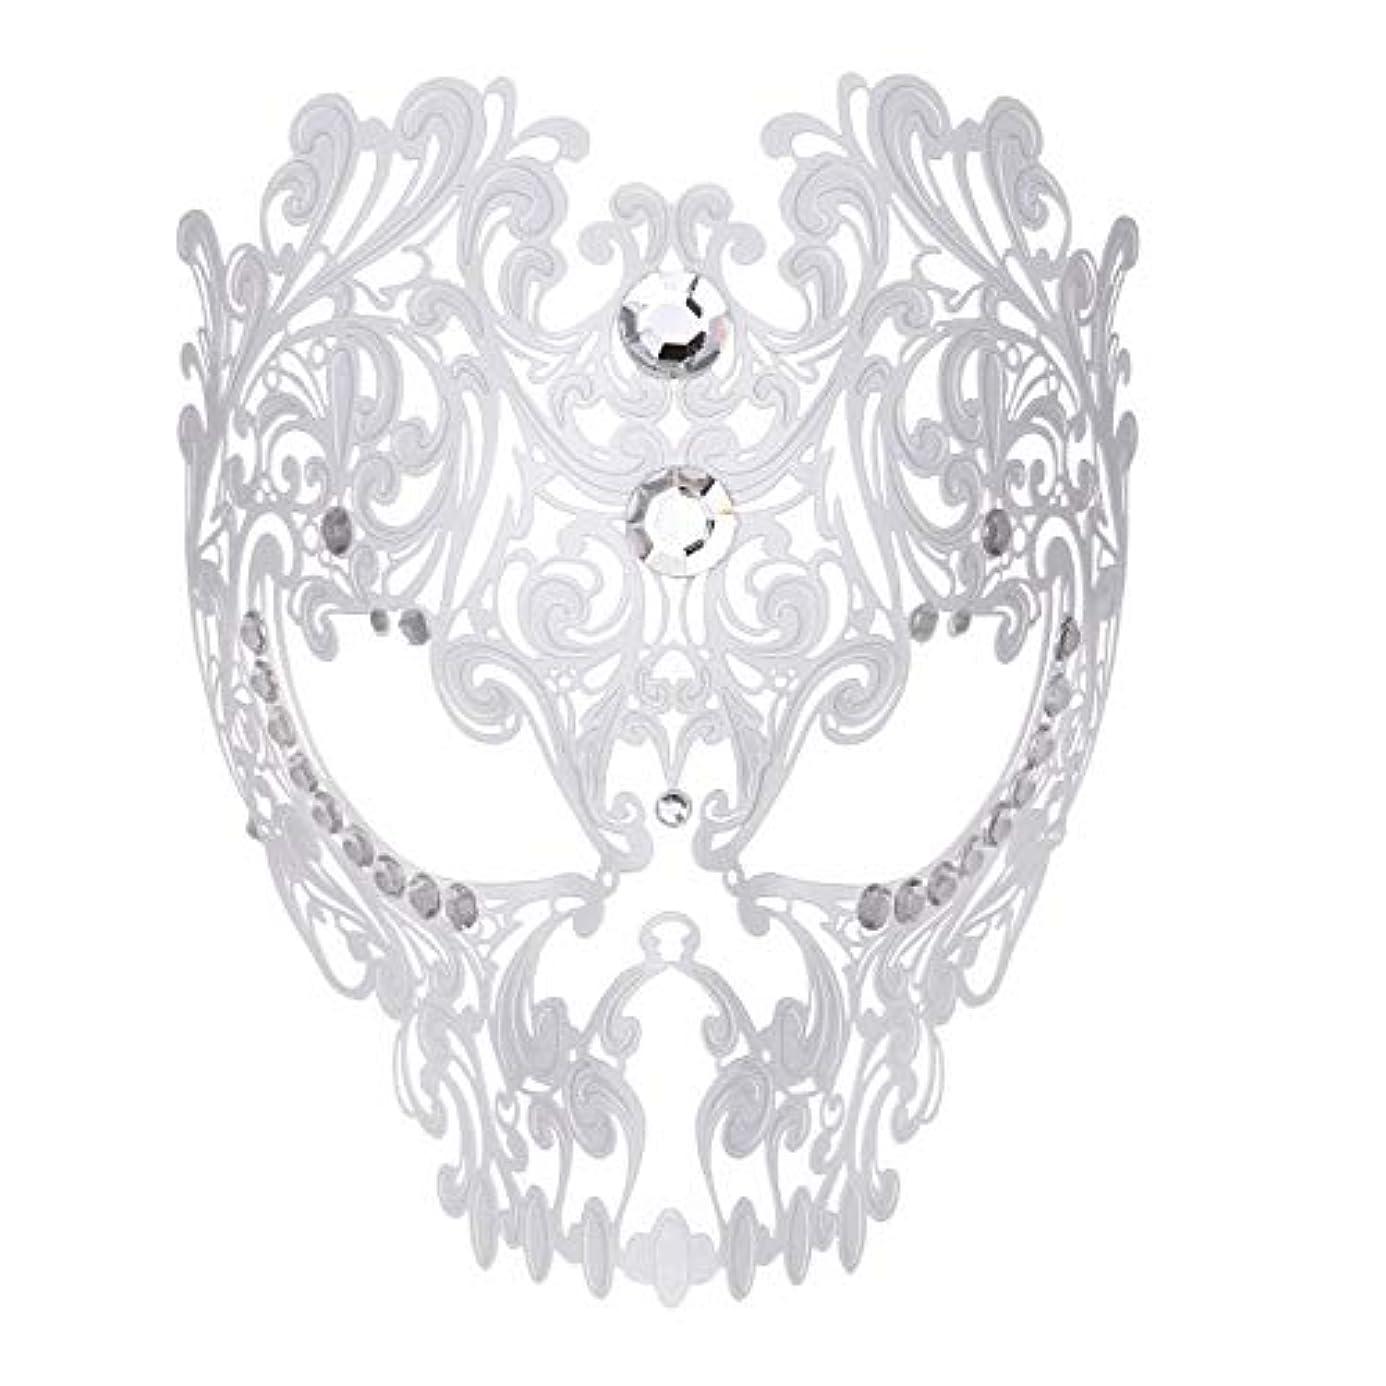 特許ヒップ予約ダンスマスク フルフェイスエナメル金属象眼細工中空マスクナイトクラブパーティーロールプレイングマスカレードマスク ホリデーパーティー用品 (色 : 白, サイズ : Universal)